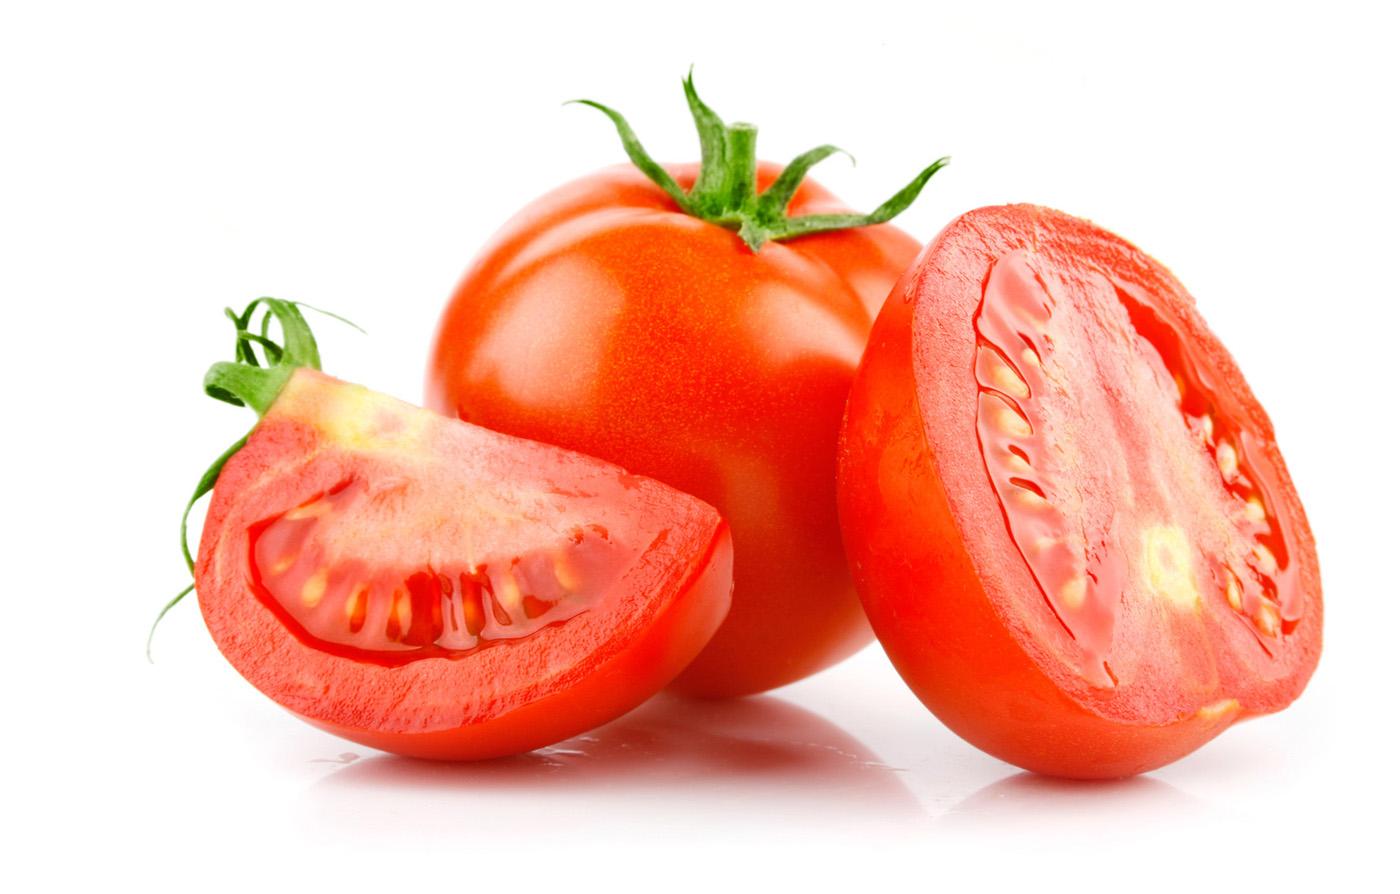 食べて夏の日差しをカット!食べる「日焼け止め」?!美白トマトレシピ!のサムネイル画像